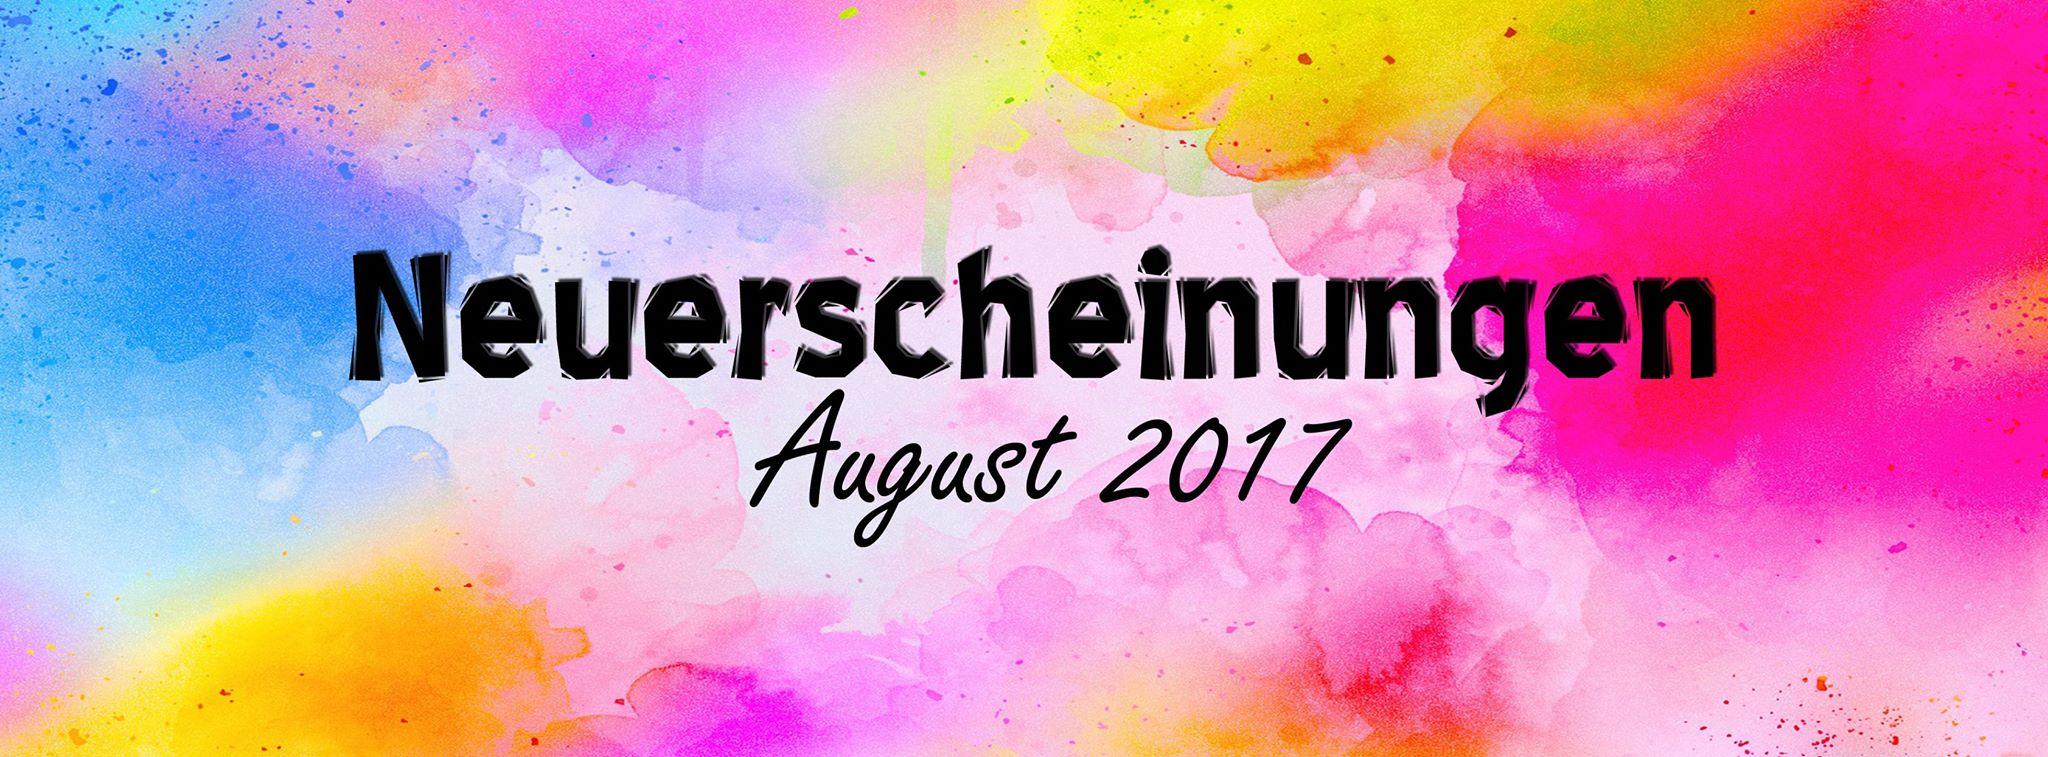 Neuerscheinungen August 2017